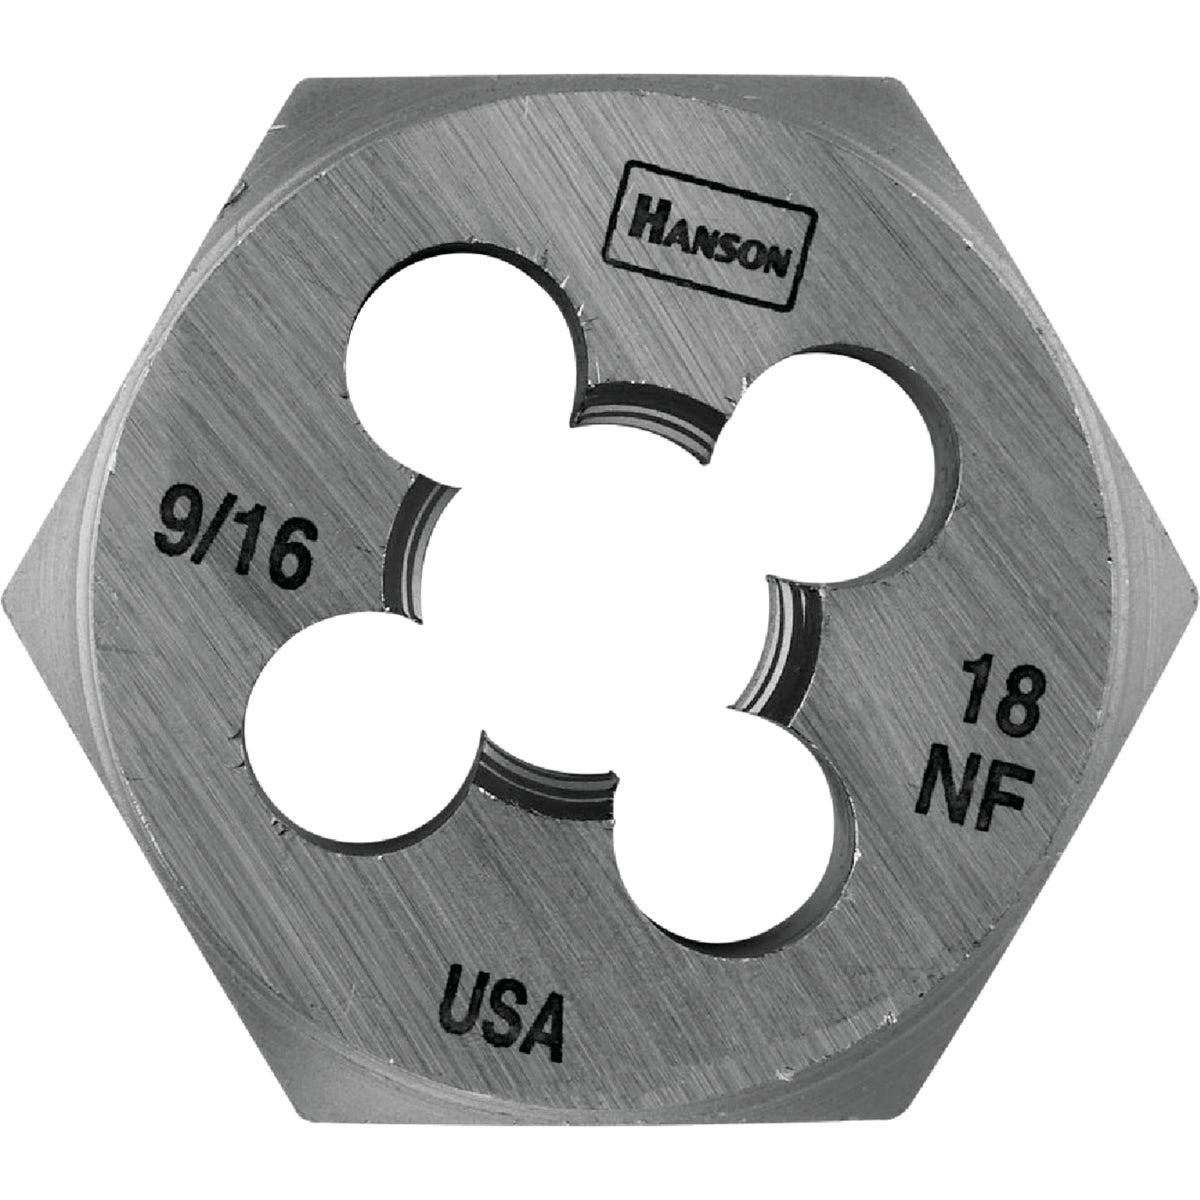 9/16X18 NF HEX DIE